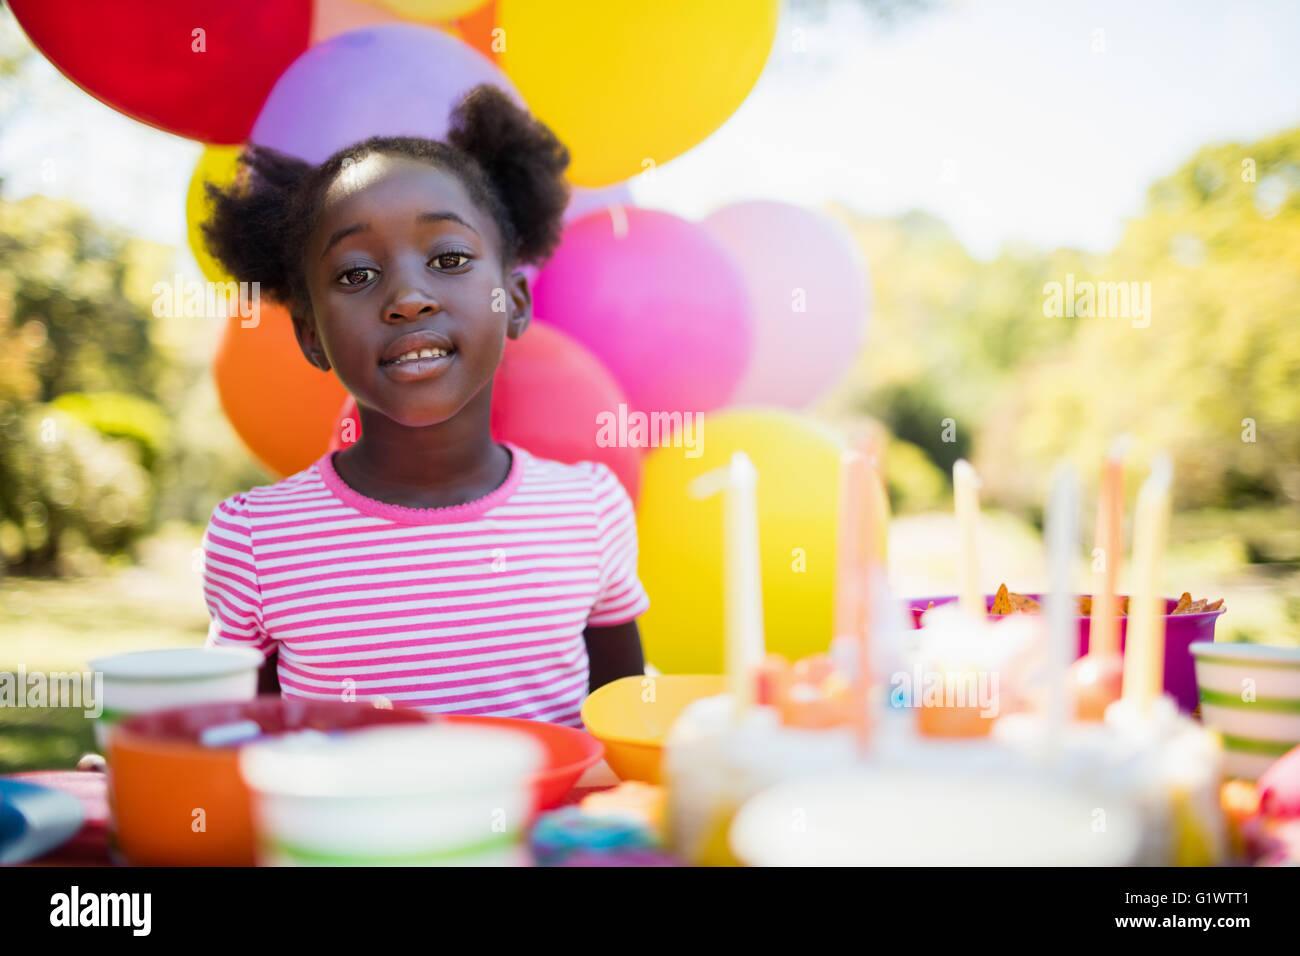 Porträt von niedlichen Mädchen posiert während einer Geburtstagsfeier Stockbild